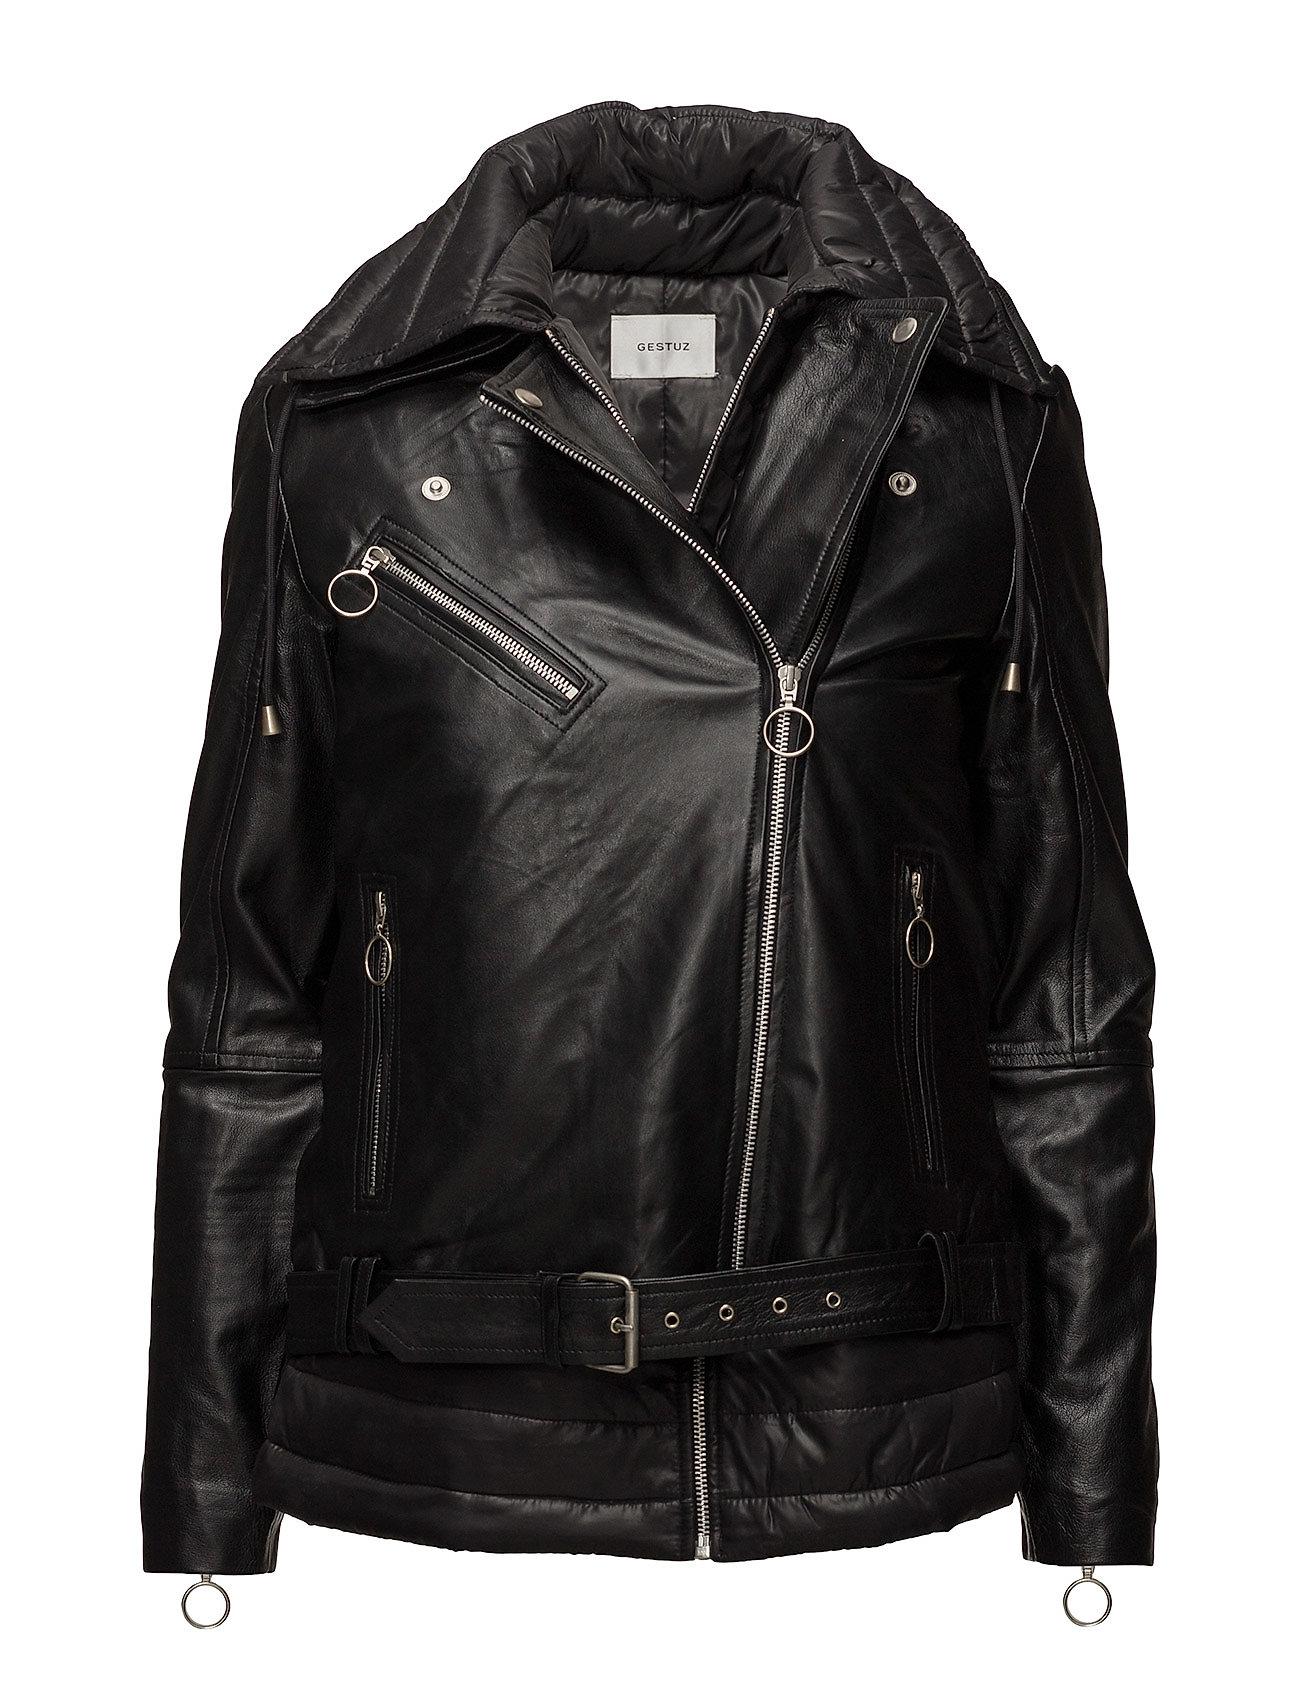 Gestuz Ezra jacket MA17